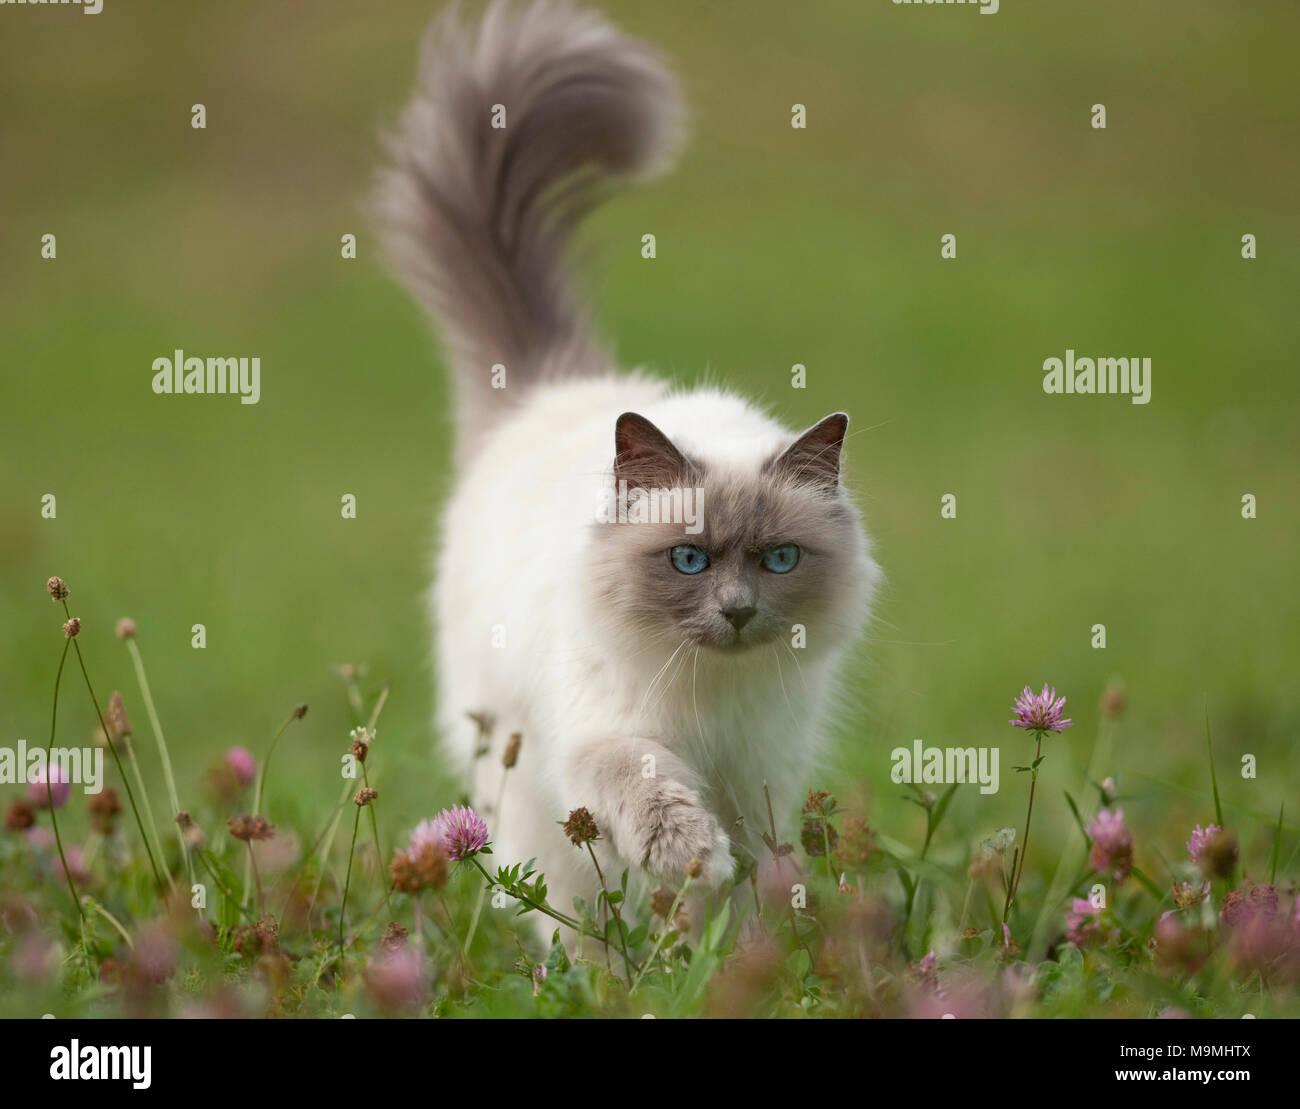 Gatto sacri di birmania. Gatto adulto a piedi su un prato, si vede in testa-a. Germania Immagini Stock